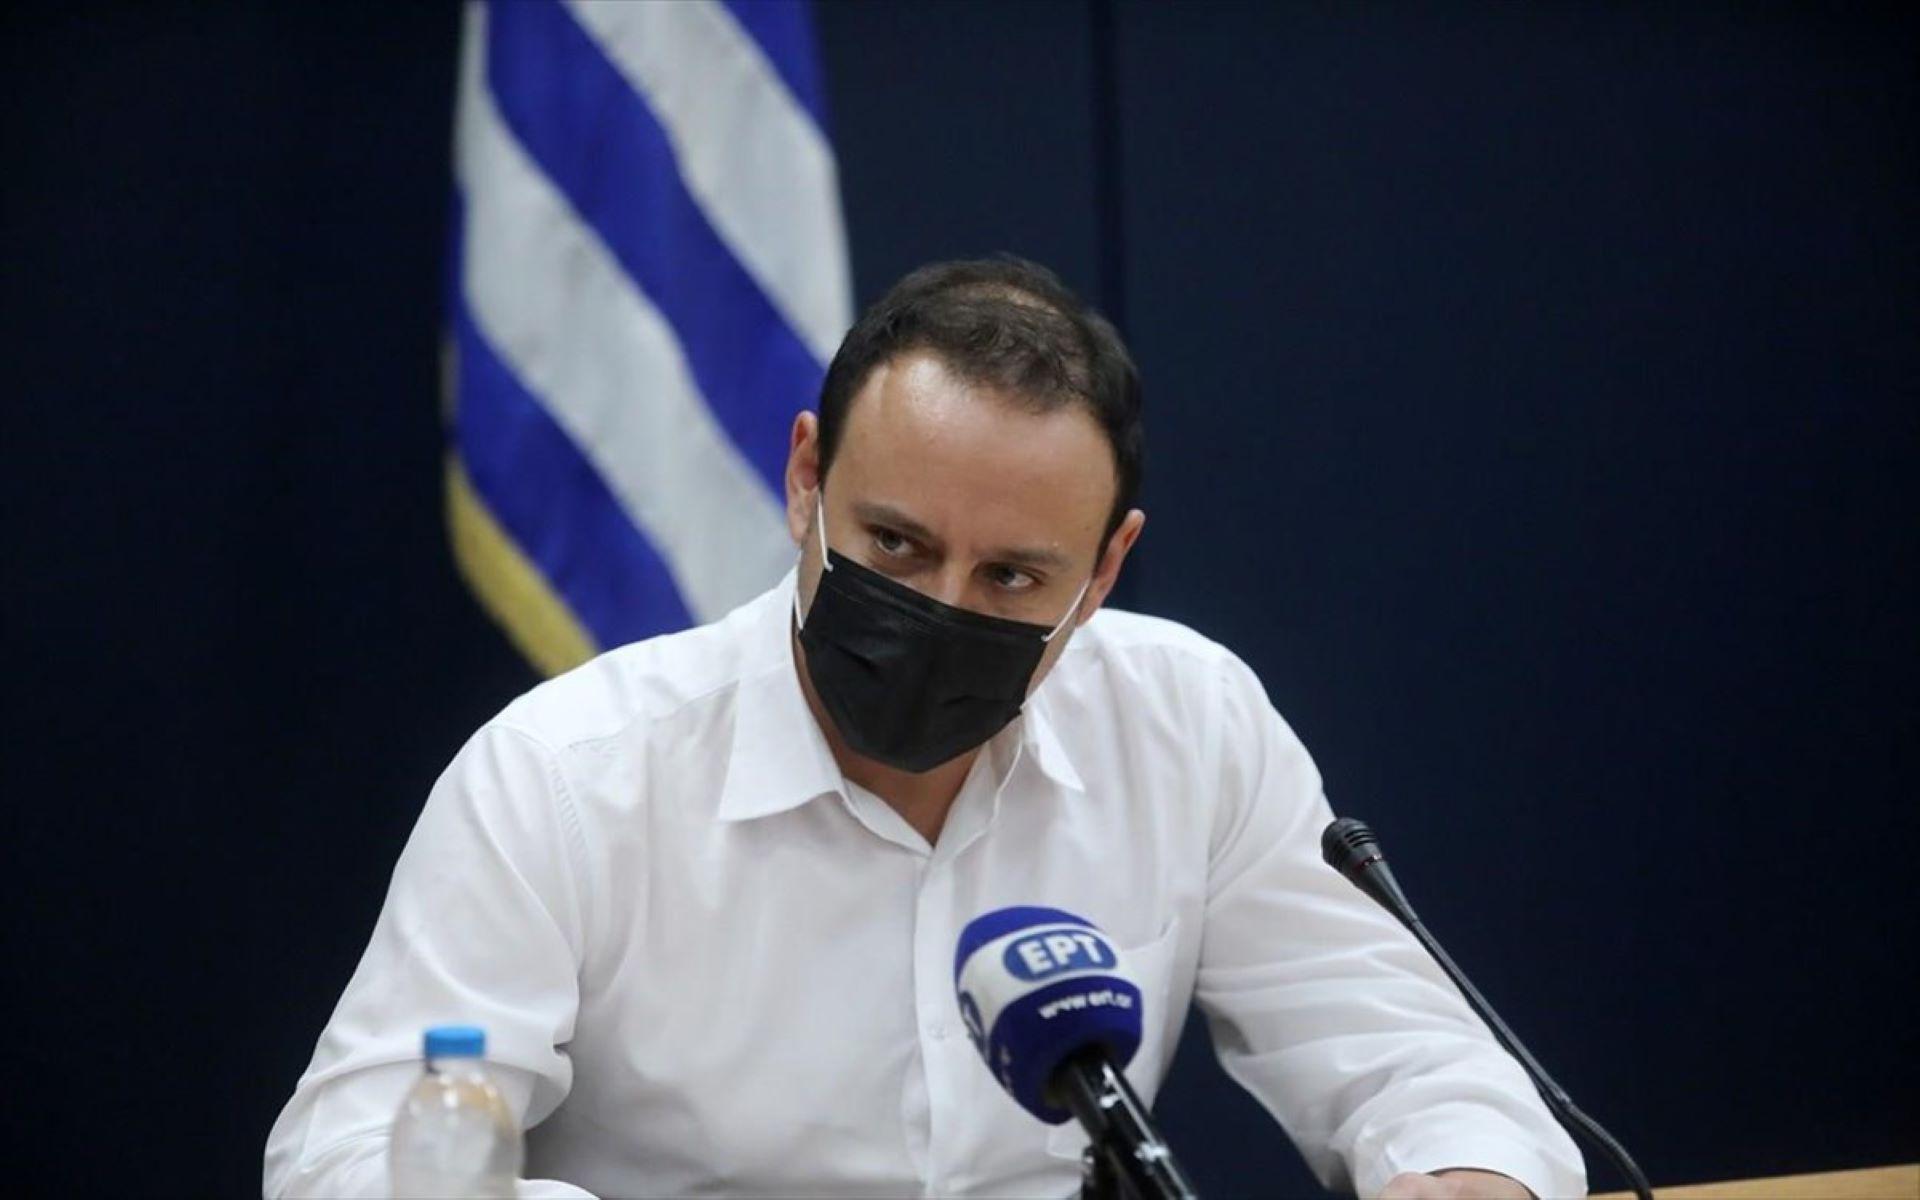 Γκίκας Μαγιορκίνης: Σαφής η ύφεση της πανδημίας στη χώρα, ας τη διατηρήσουμε